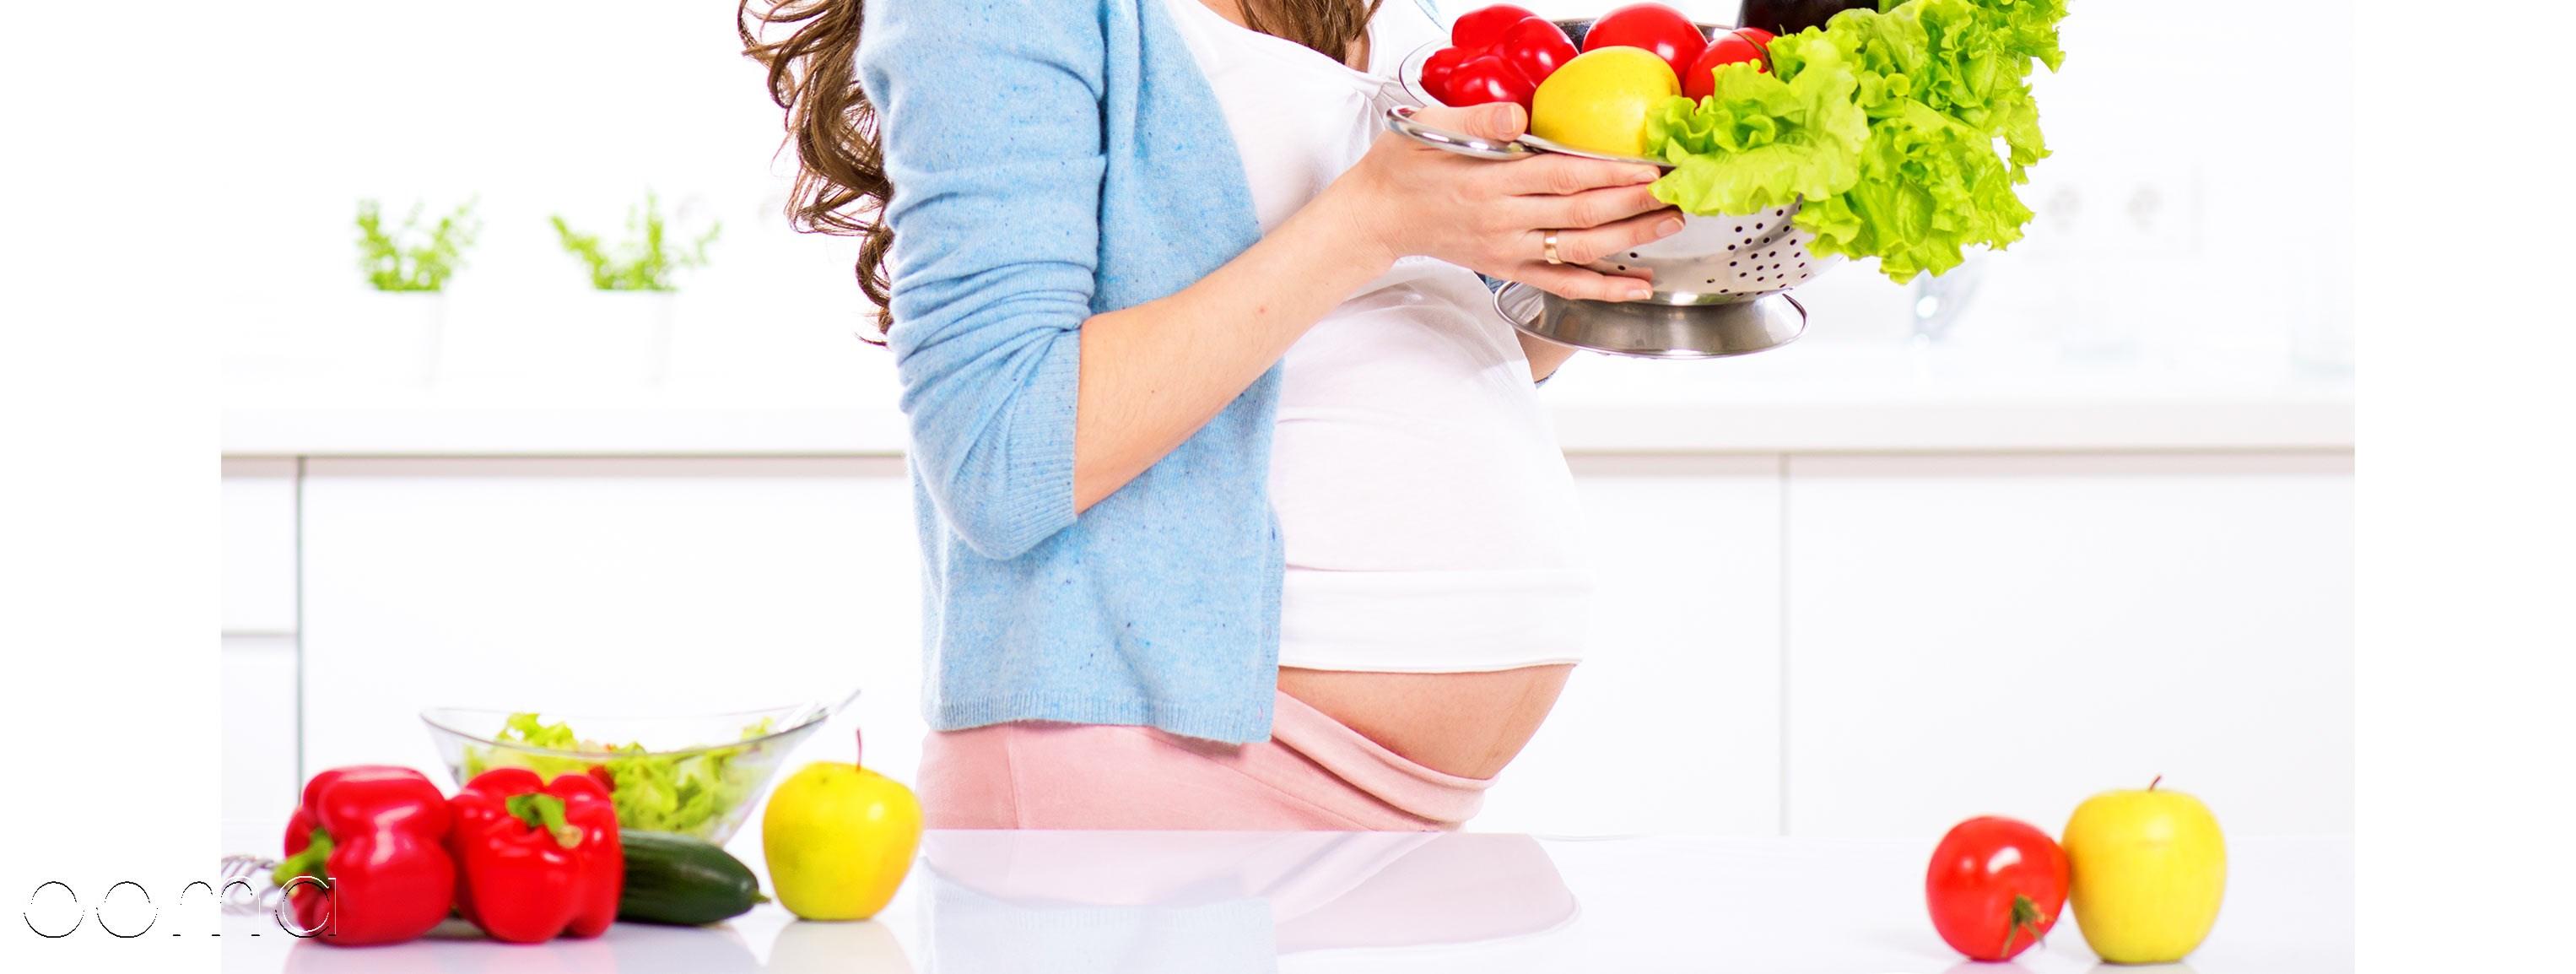 آیا  مادر باردارباید  بجای دونفر غذا بخورد؟